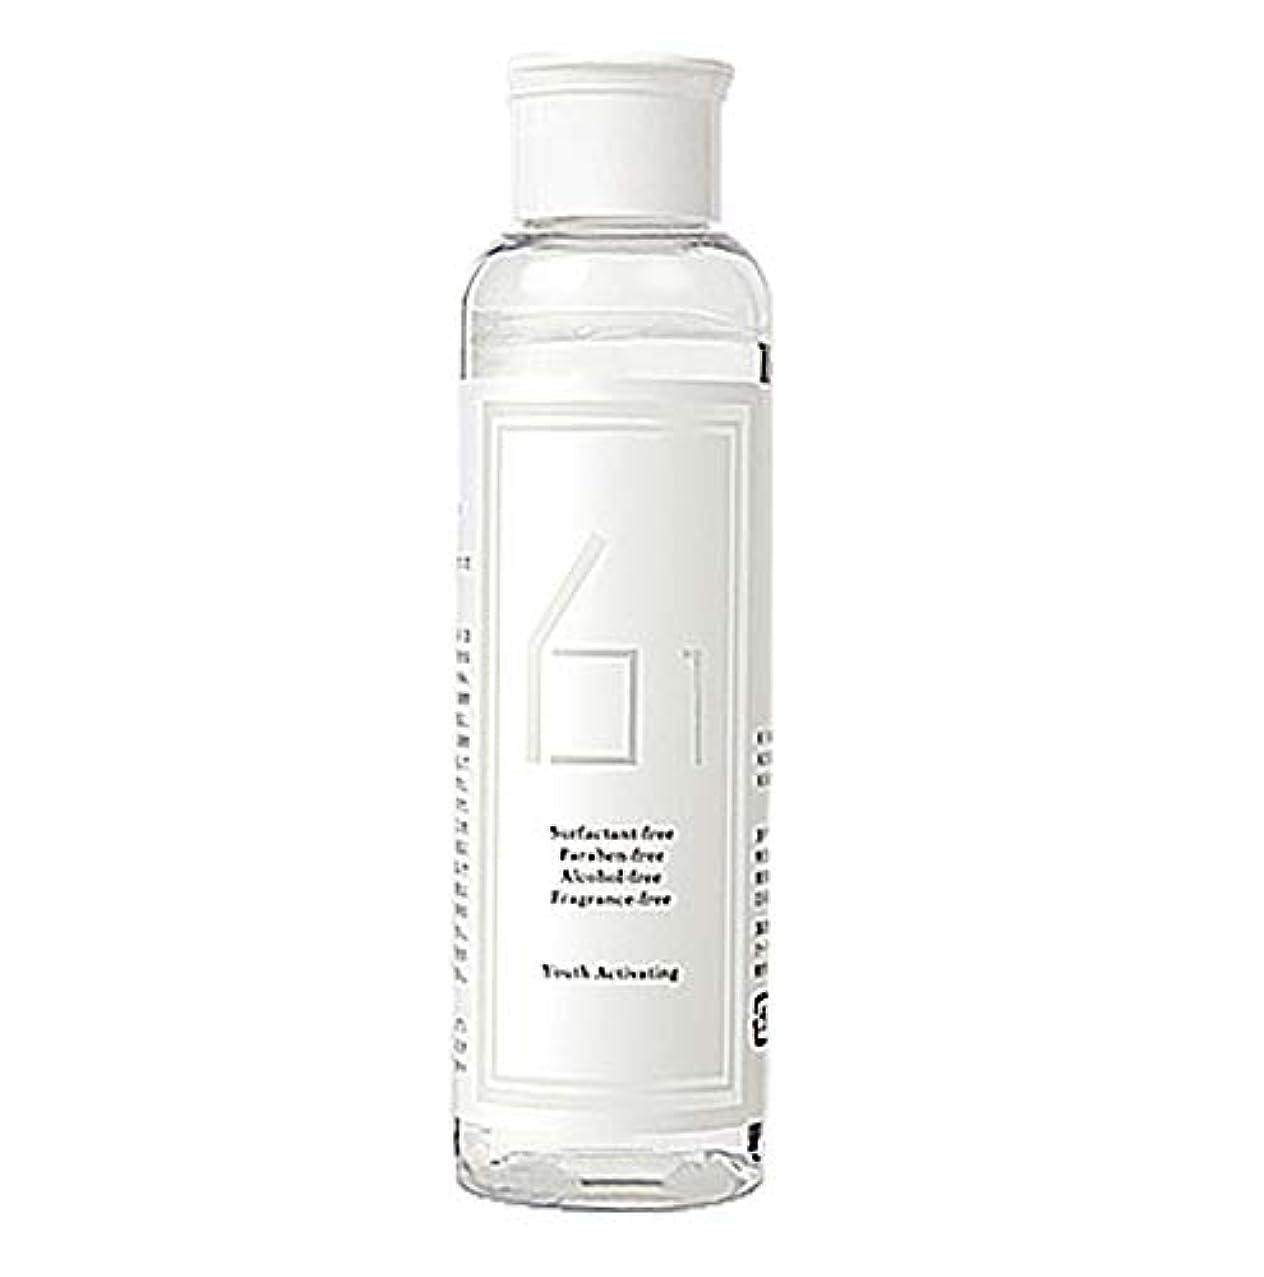 完全に織機香ばしい61 (ロクイチ) 化粧水 乳酸菌 H61 配合 150ml (1本)